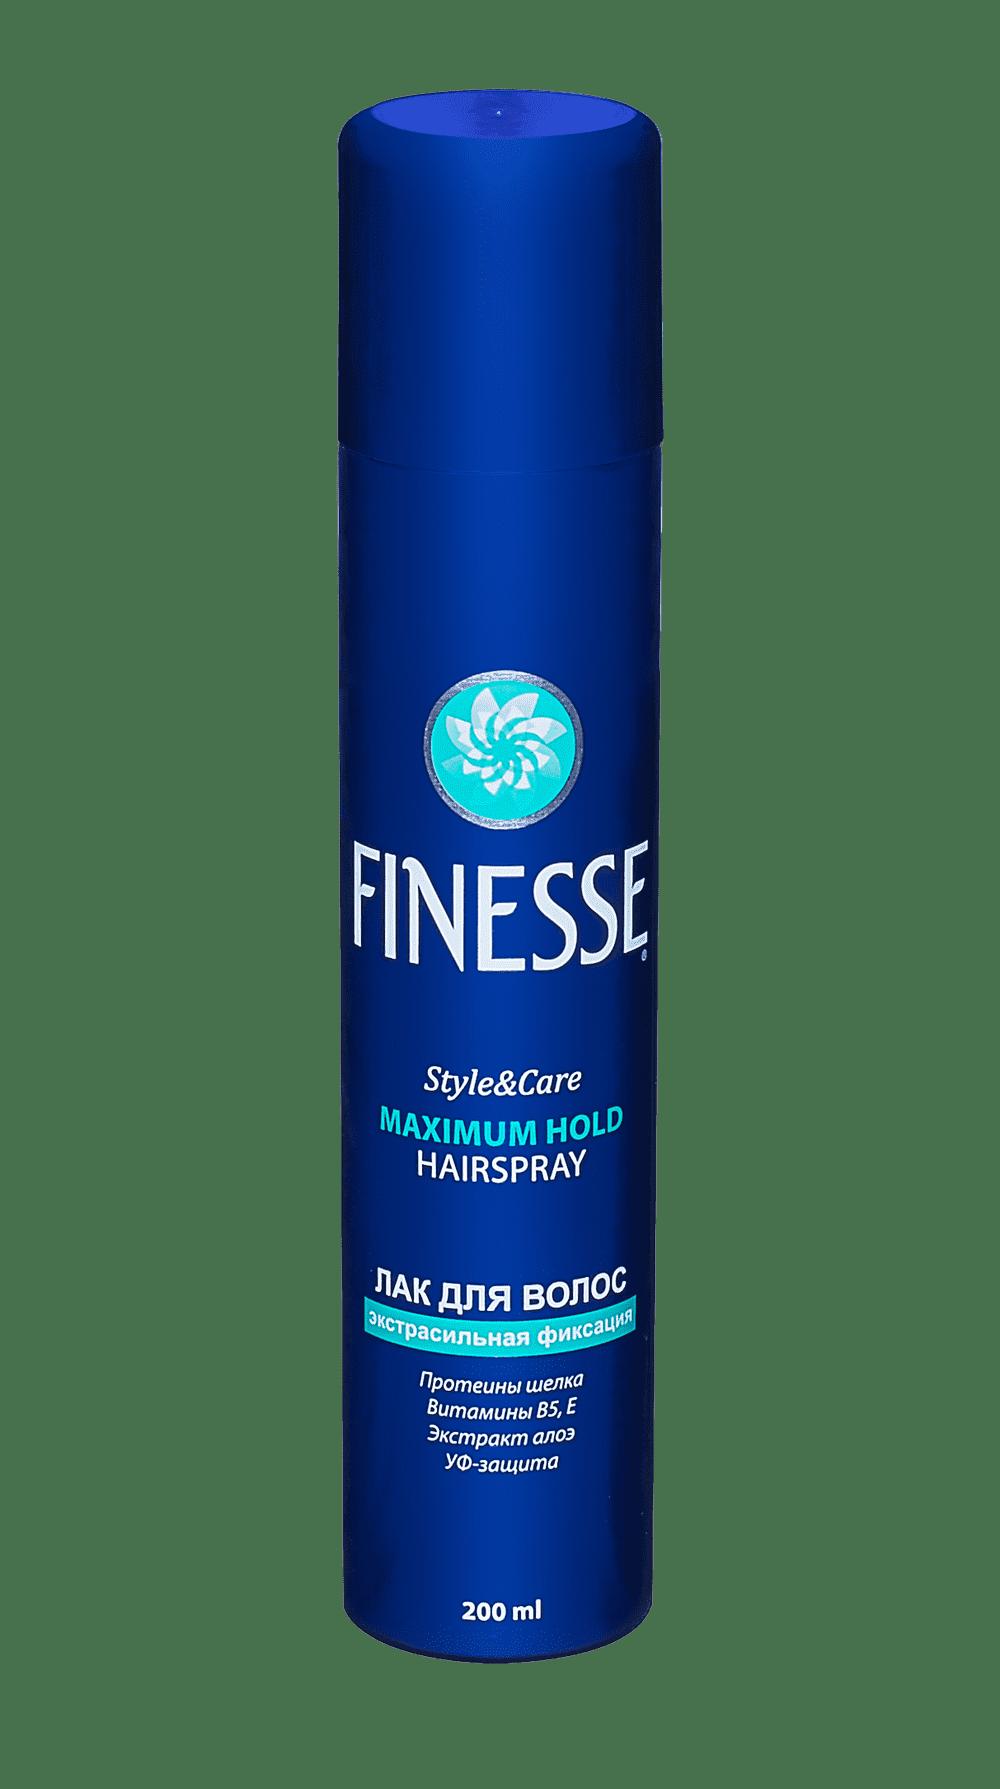 Finesse, Лак для волос экстрасильной фиксации, 500 мл лонгслив printio спортсмен отдых пляж море